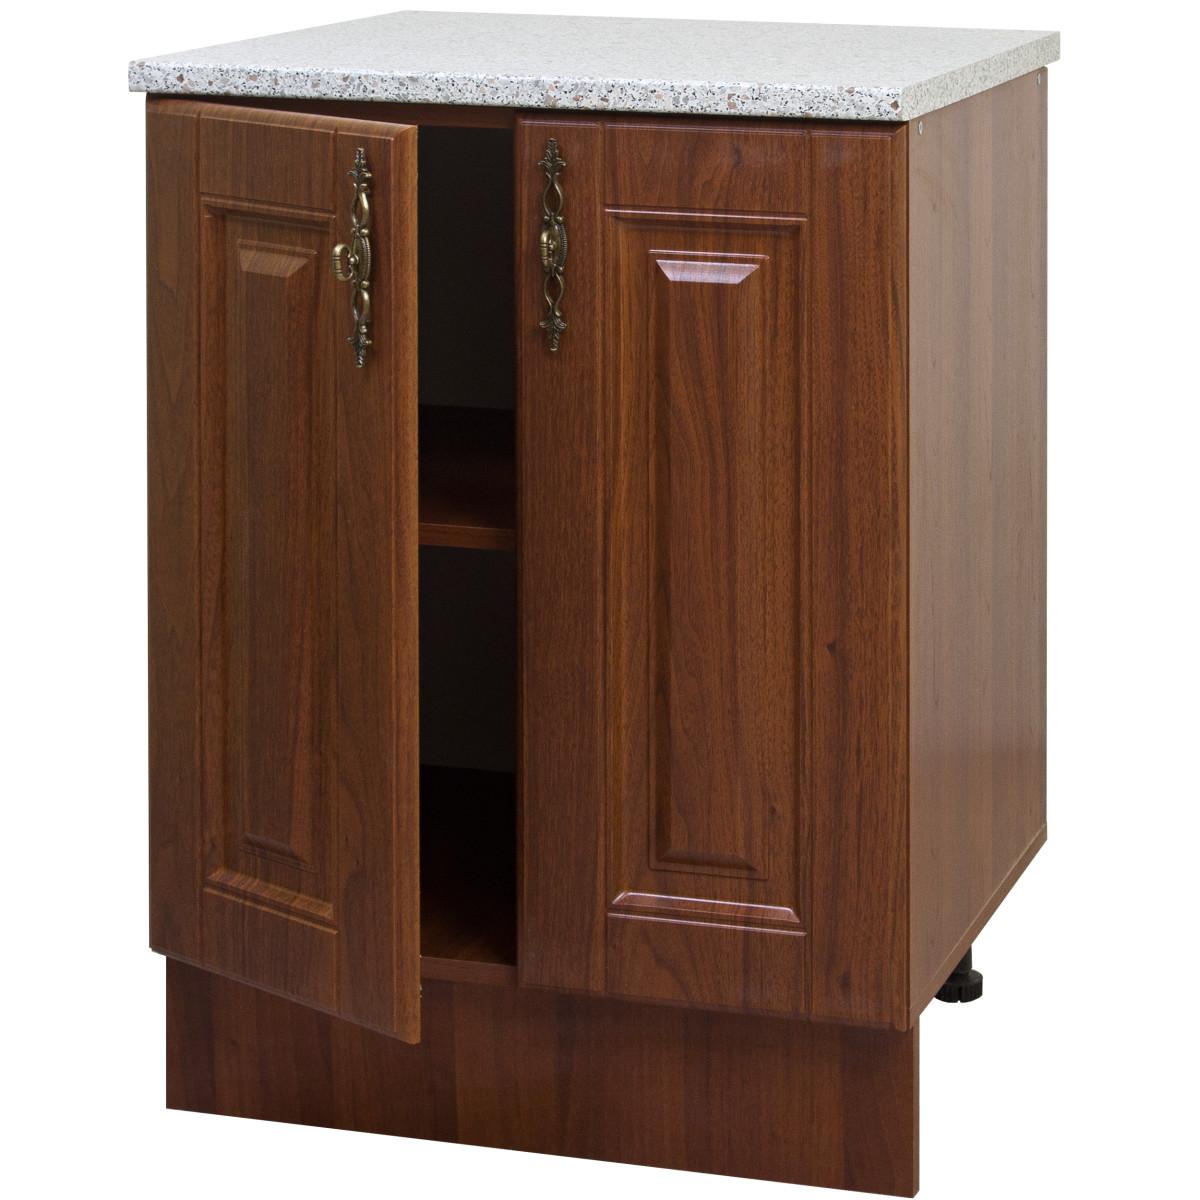 Шкаф напольный Орех 60x86x60 см ЛДСП цвет орех